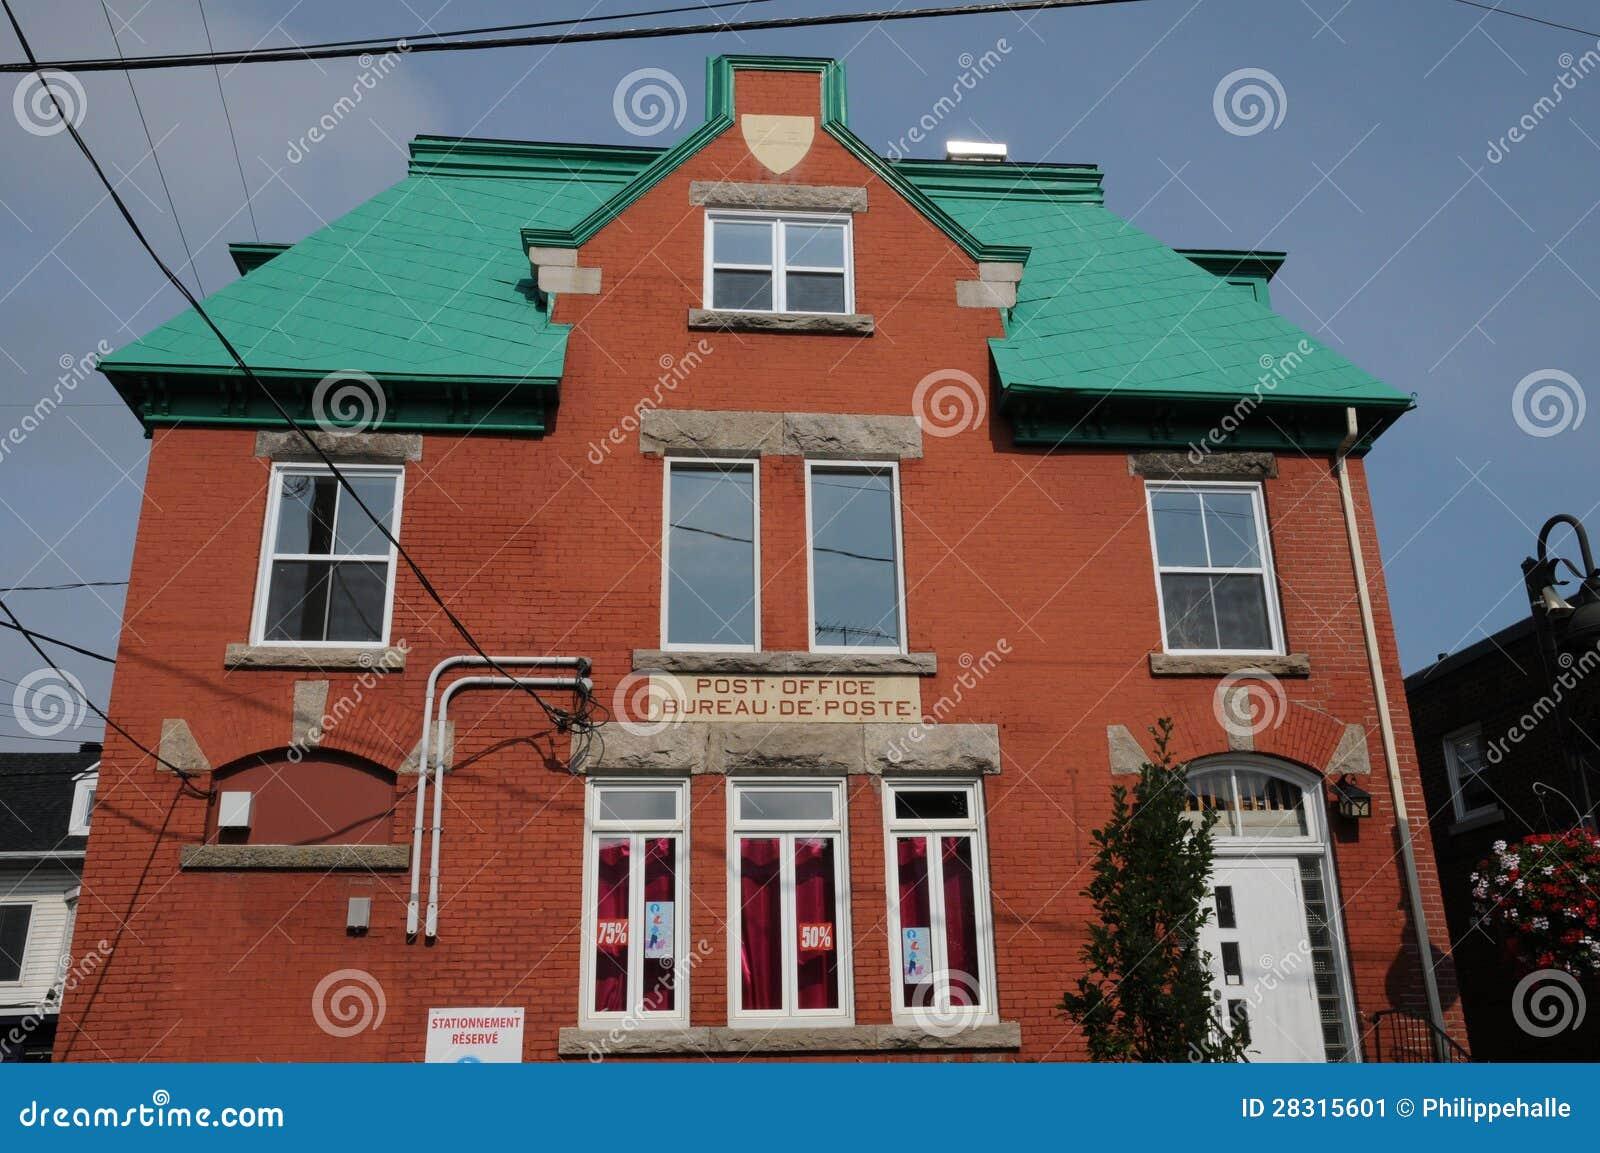 Le québec bureau de poste dans la ville de montmagny image stock